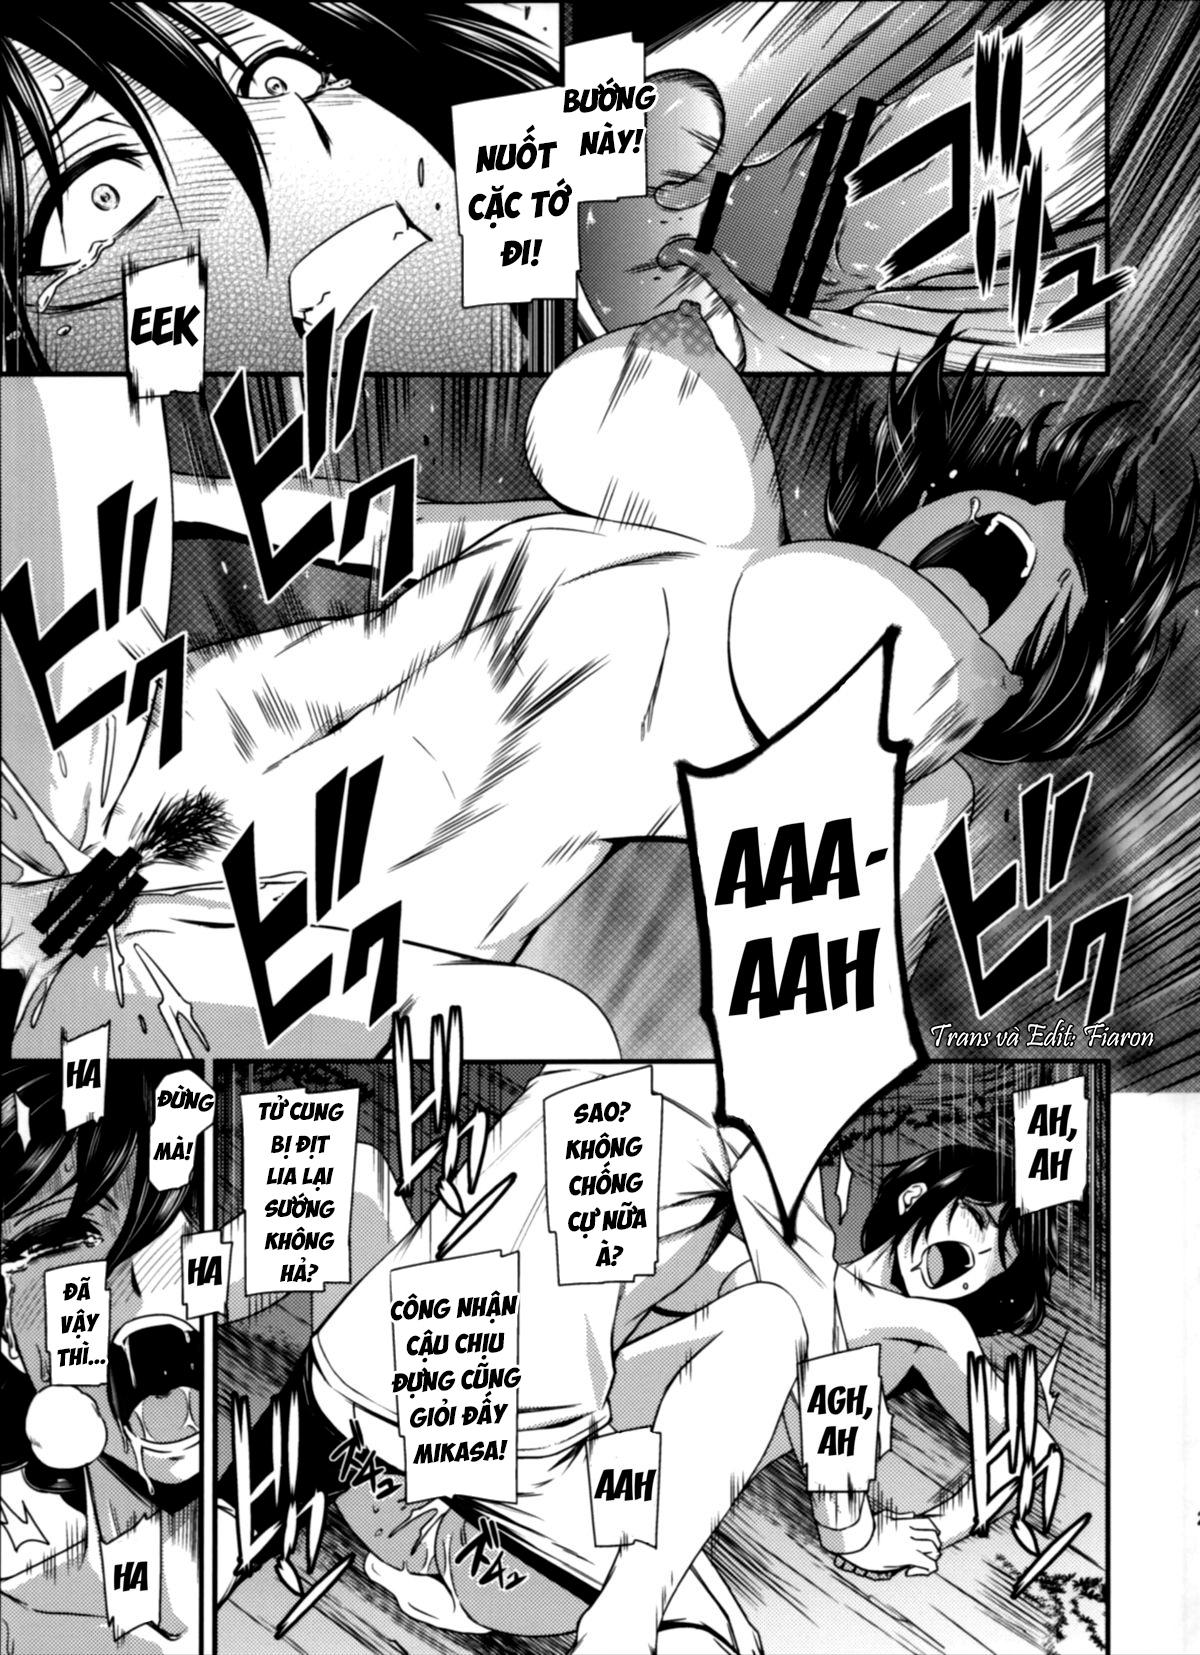 HentaiVN.net - Ảnh 32 - Gekishin (Attack on Titan) - Firing Pin - Gekishin Yon